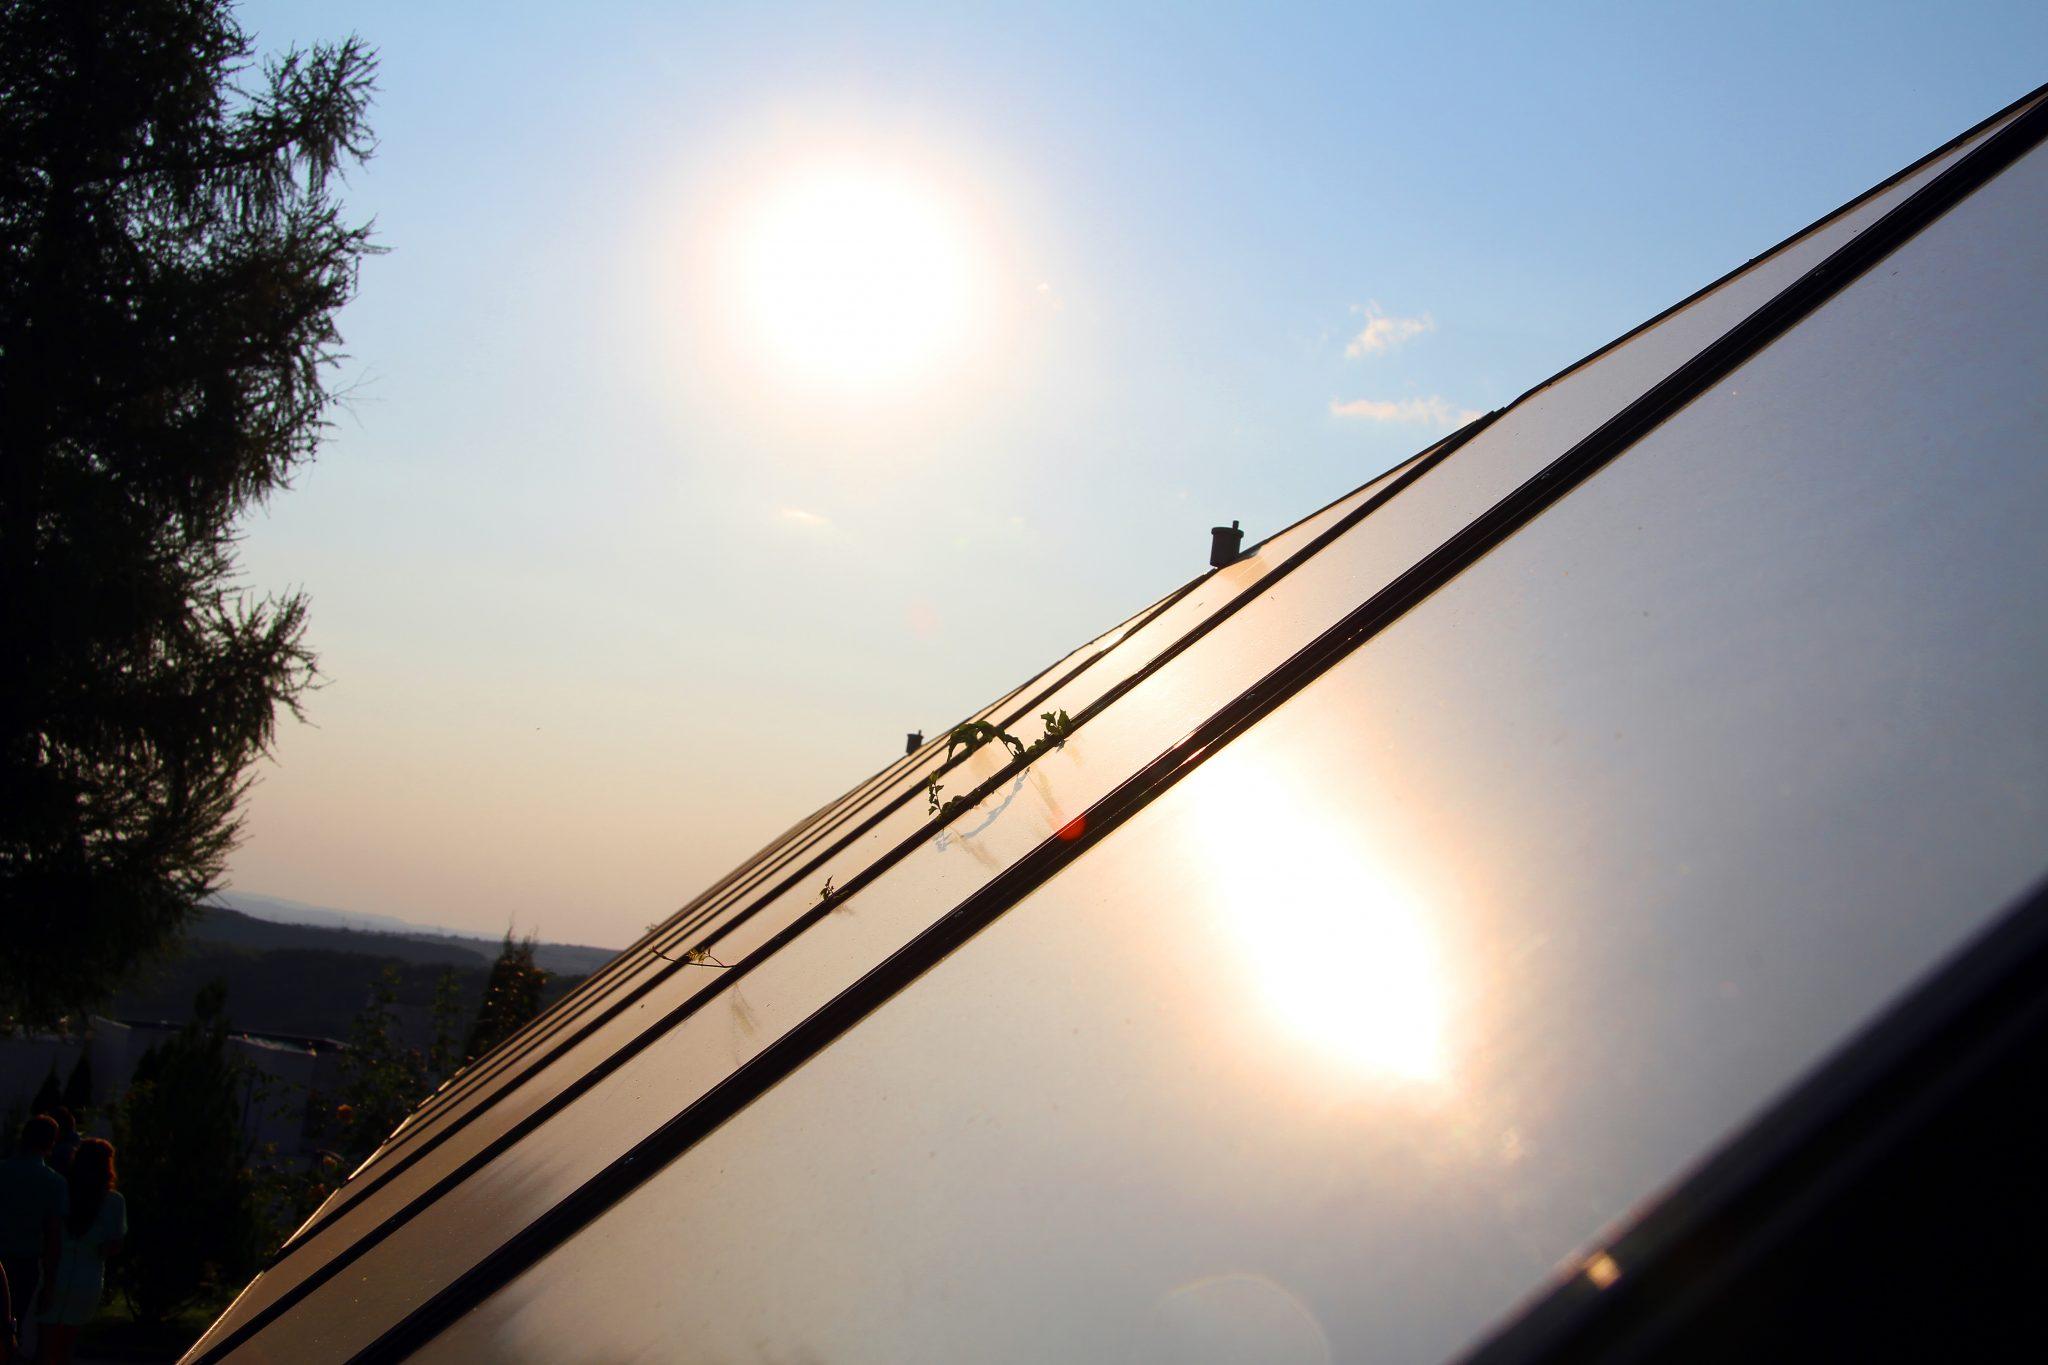 Solární panel na střeše domu